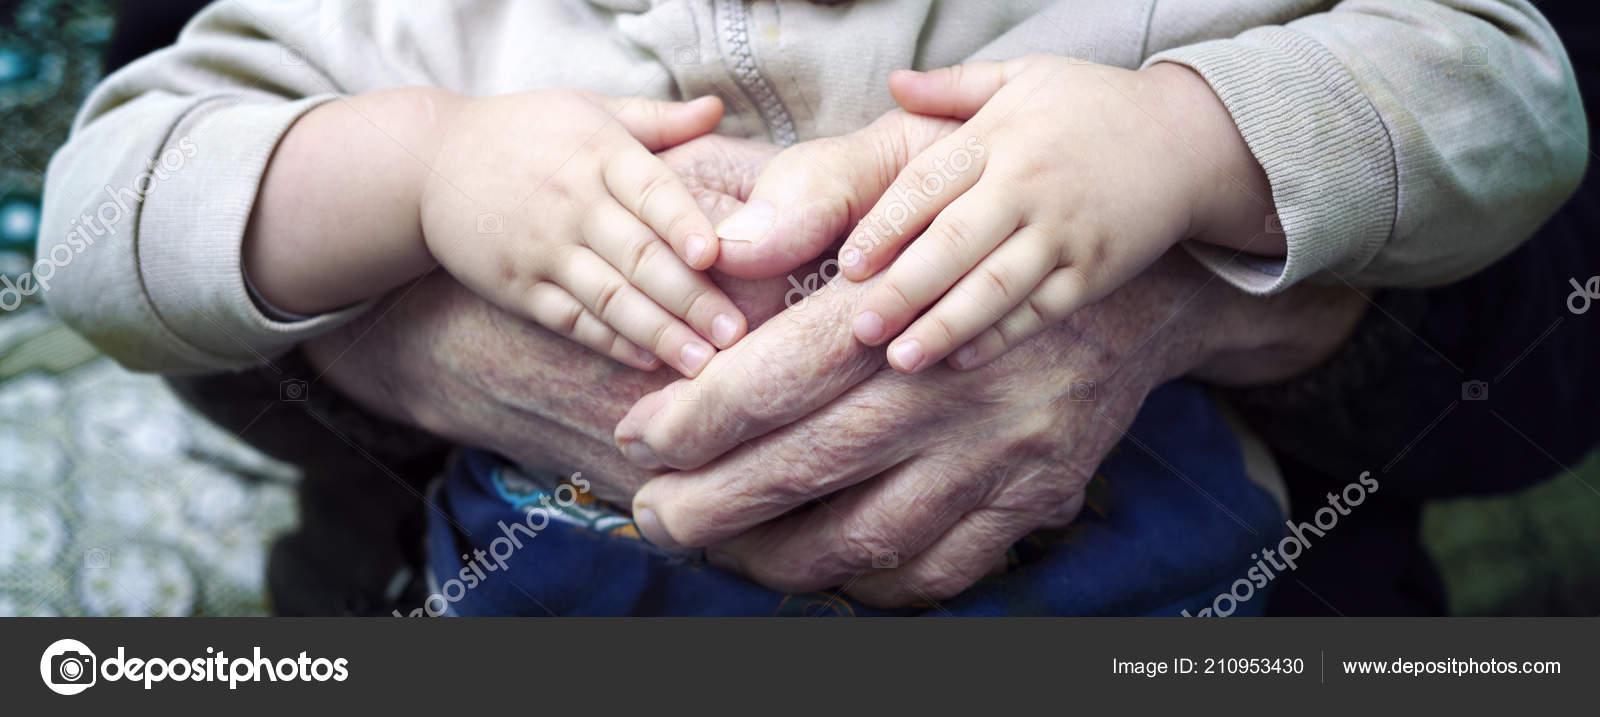 Explotación Mano Viejos Jóvenes Cogidos Mano Foto De Stock